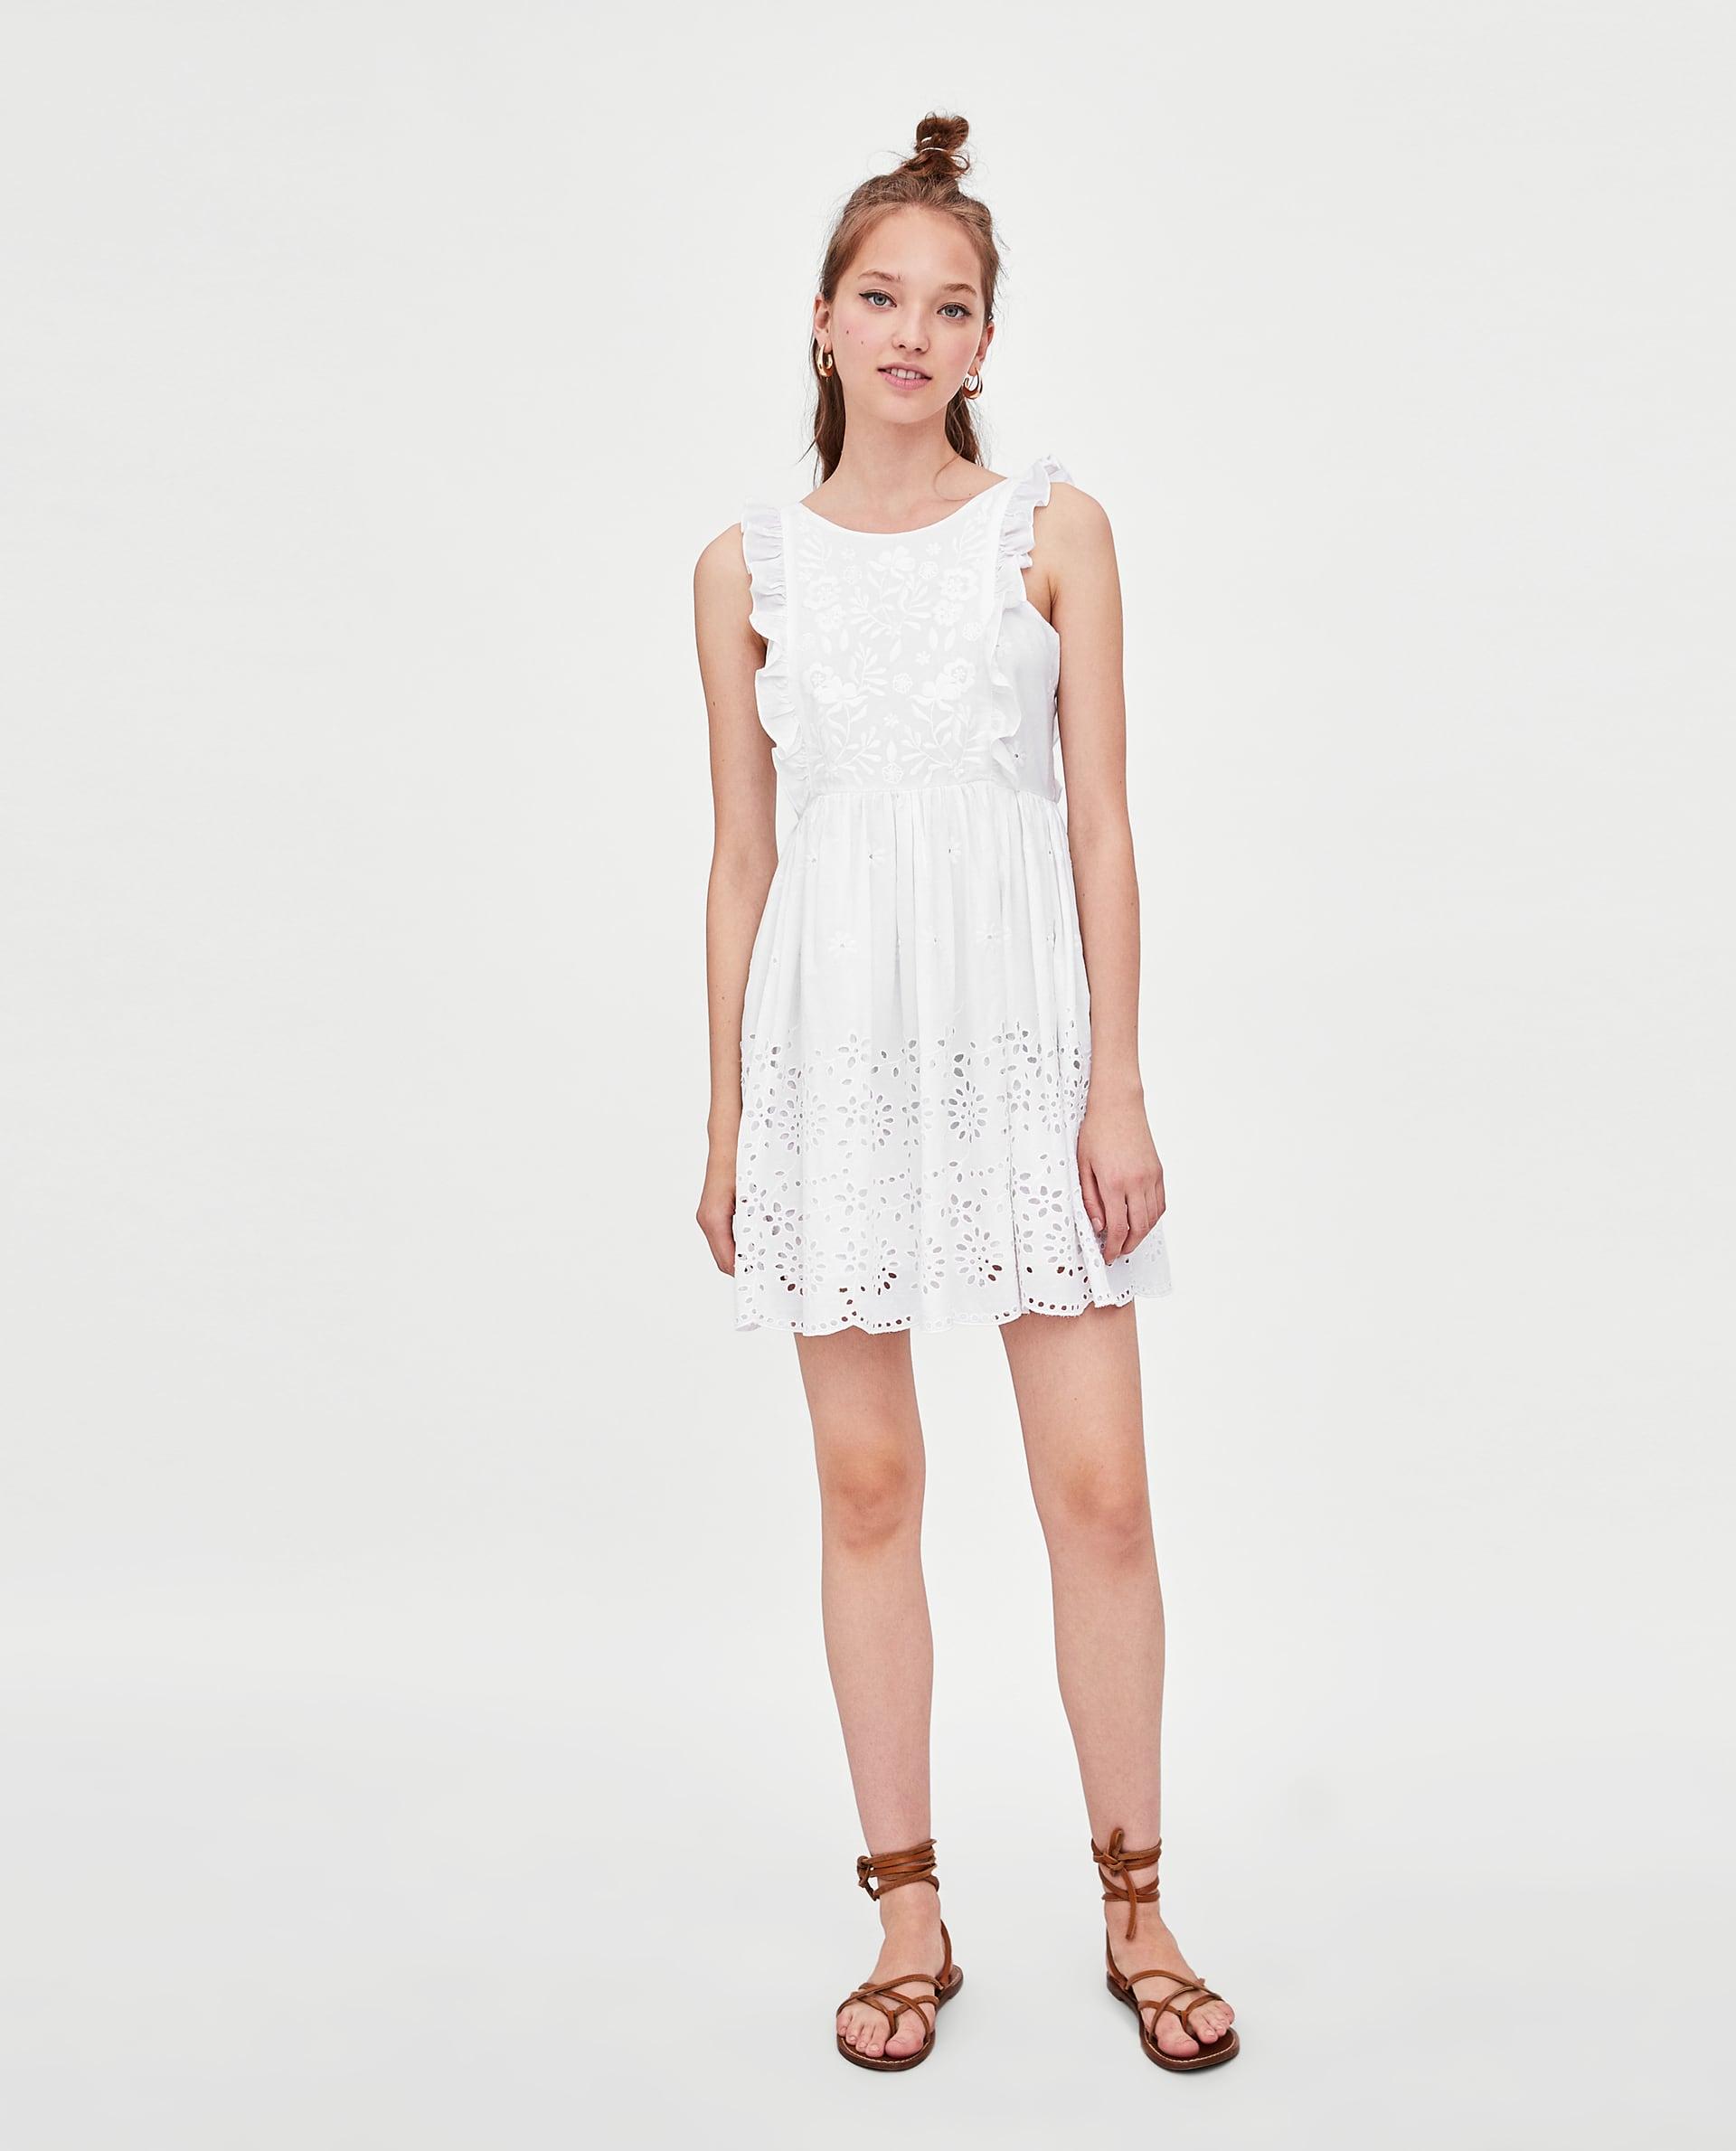 da260f69e8ca ZARA: 10+1 λευκά φορέματα για το καλοκαίρι | Economy 365